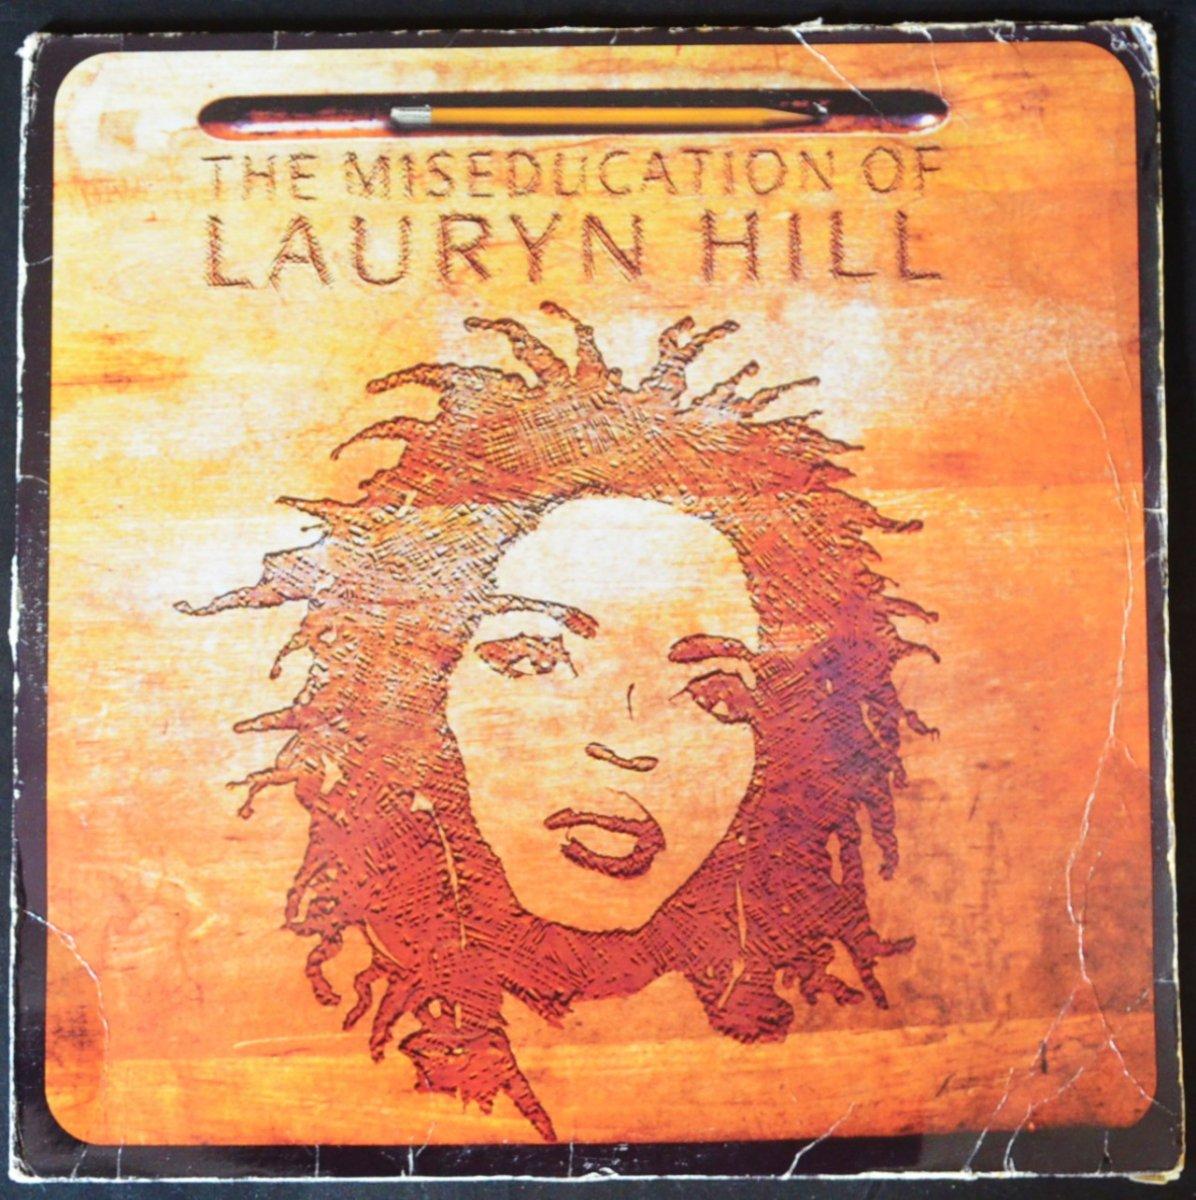 LAURYN HILL / THE MISEDUCATION OF LAURYN HILL (2LP)